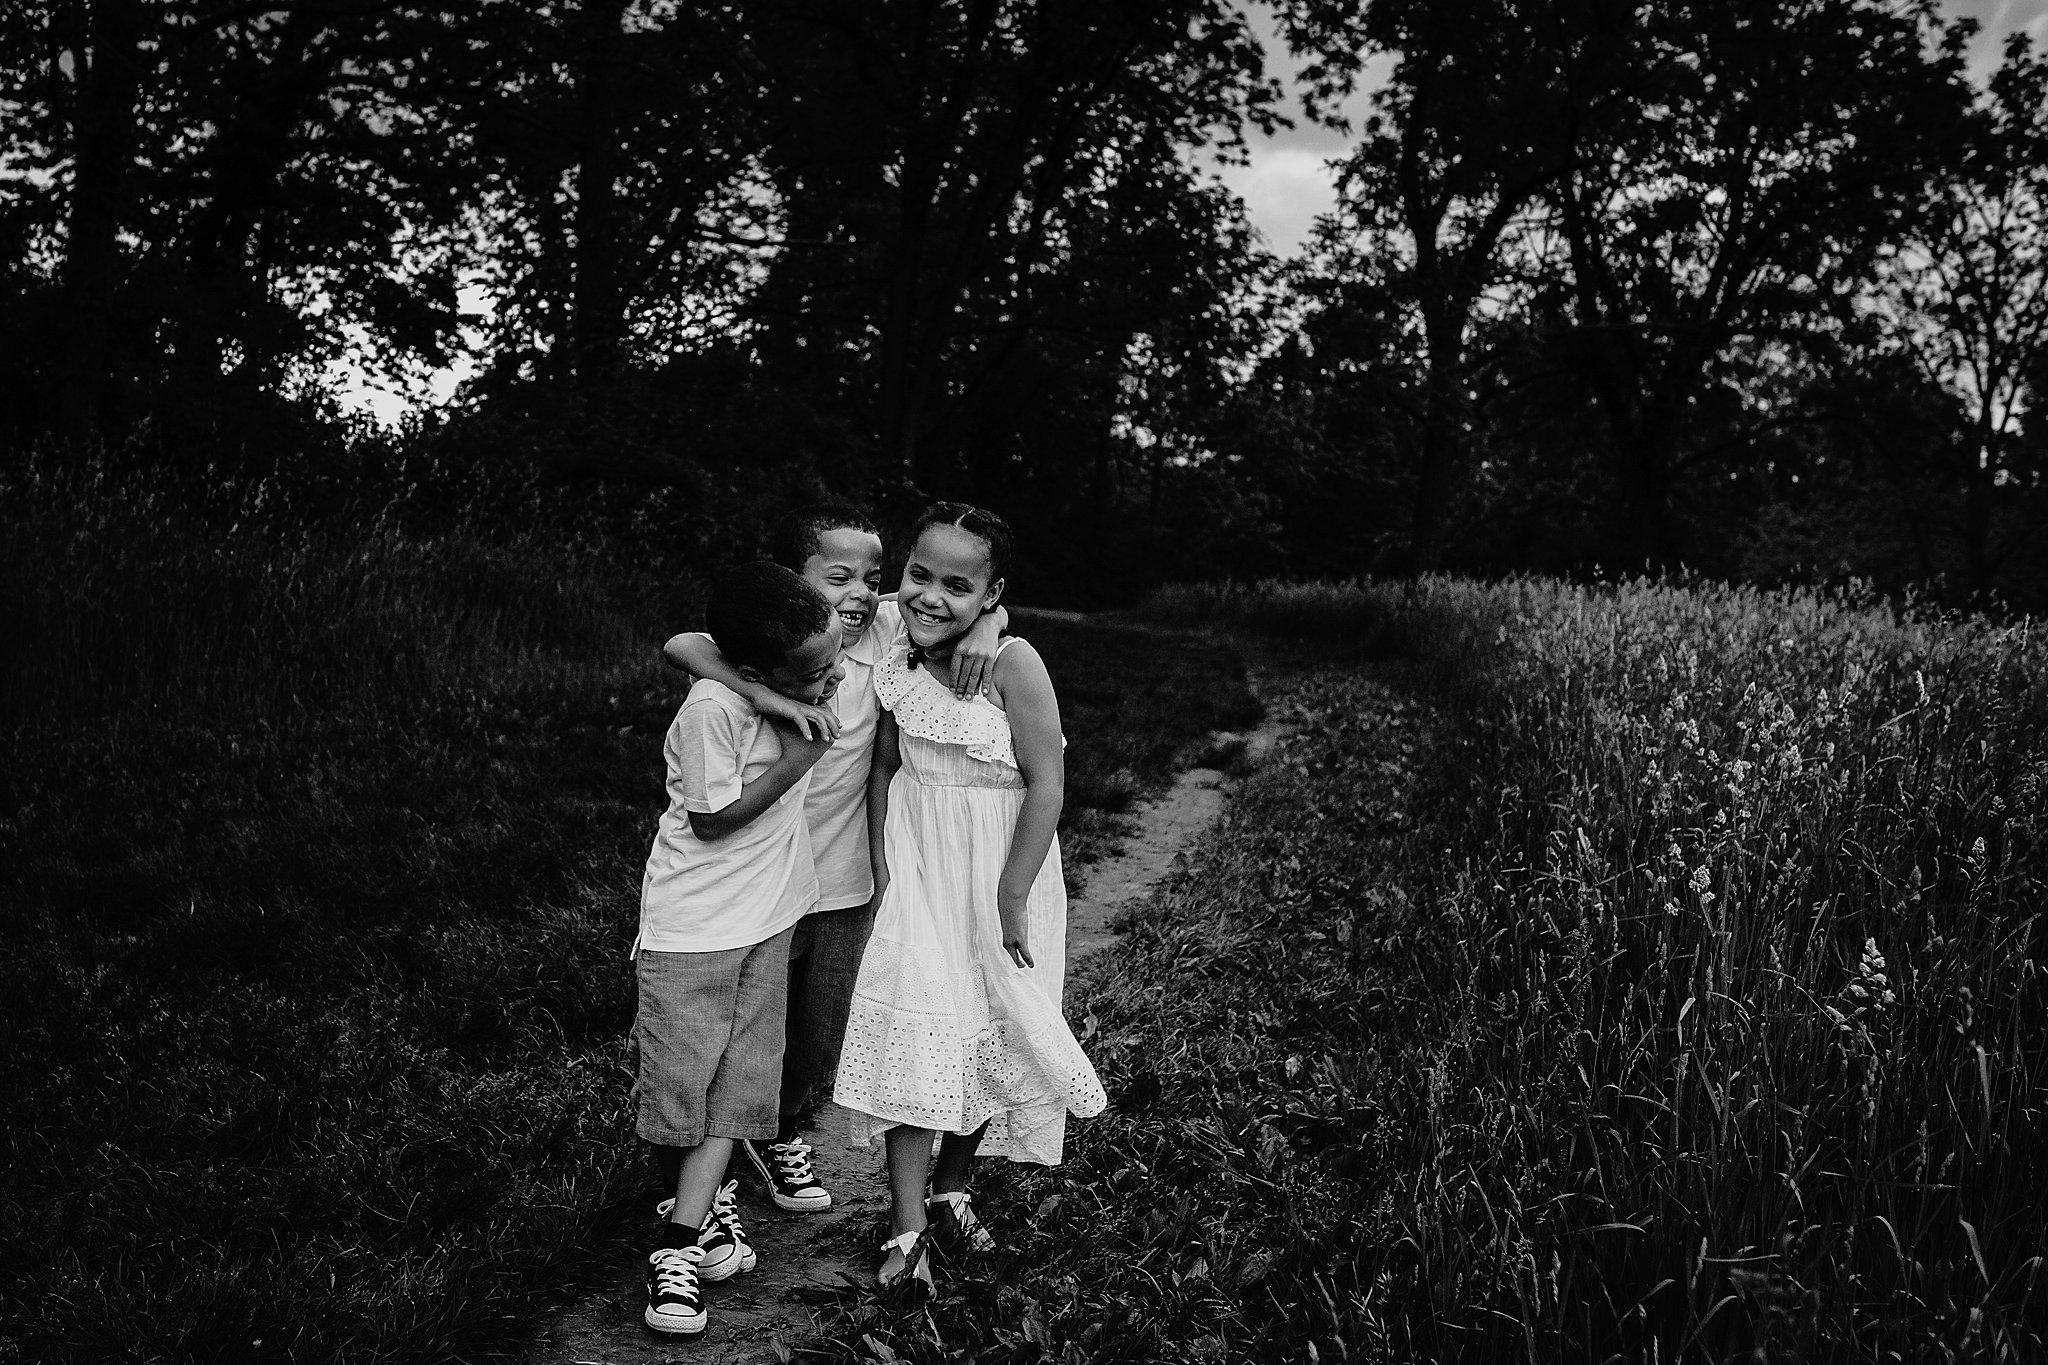 Yardley Family Photographer